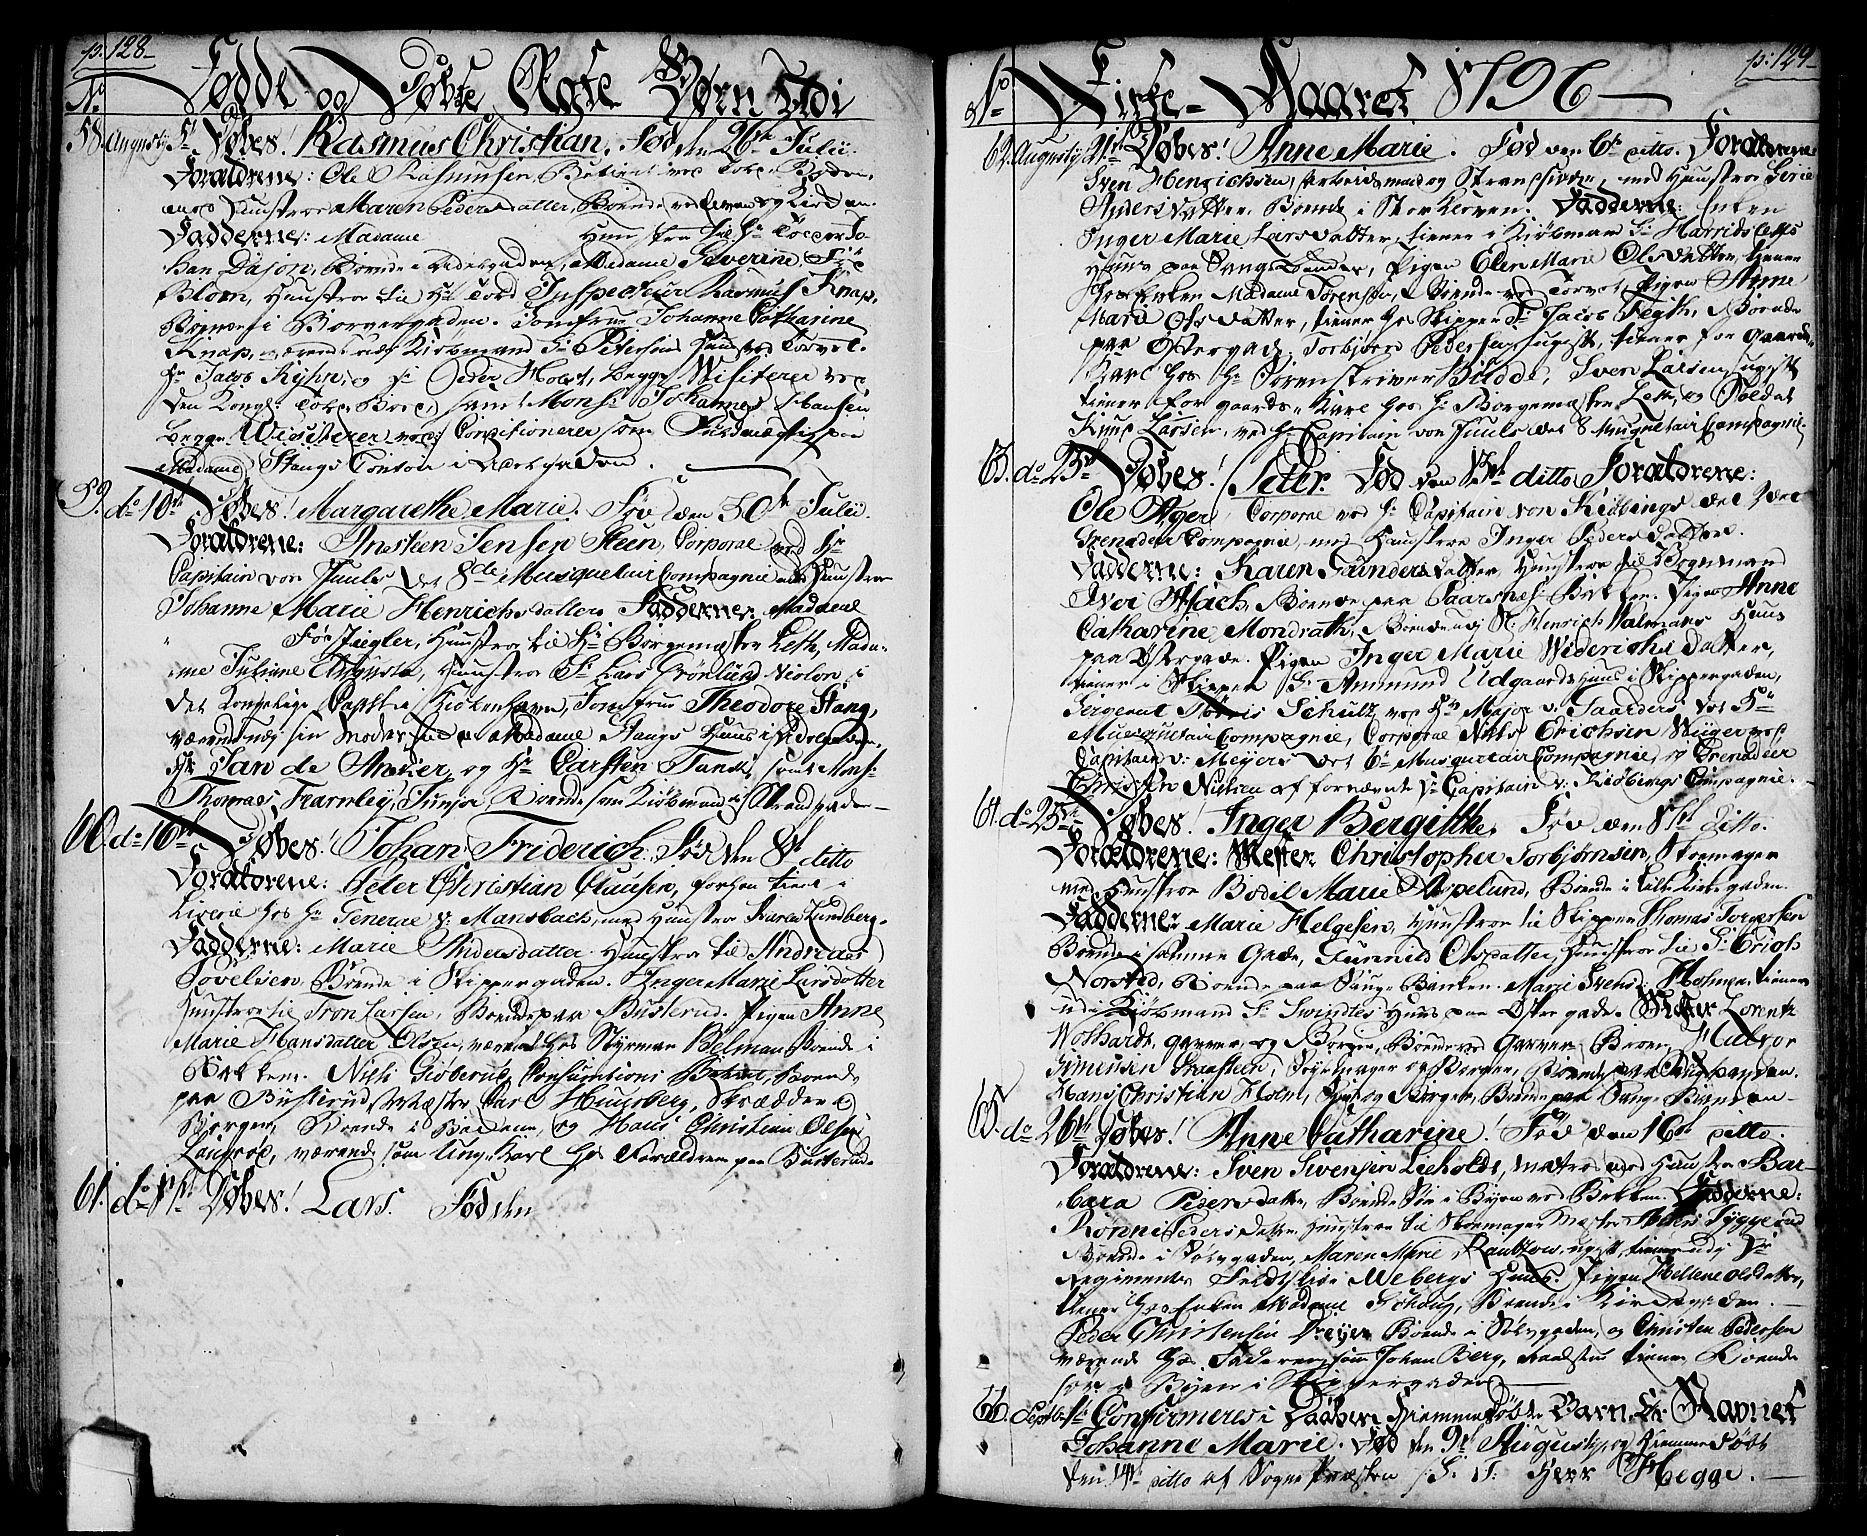 SAO, Halden prestekontor Kirkebøker, F/Fa/L0002: Ministerialbok nr. I 2, 1792-1812, s. 128-129